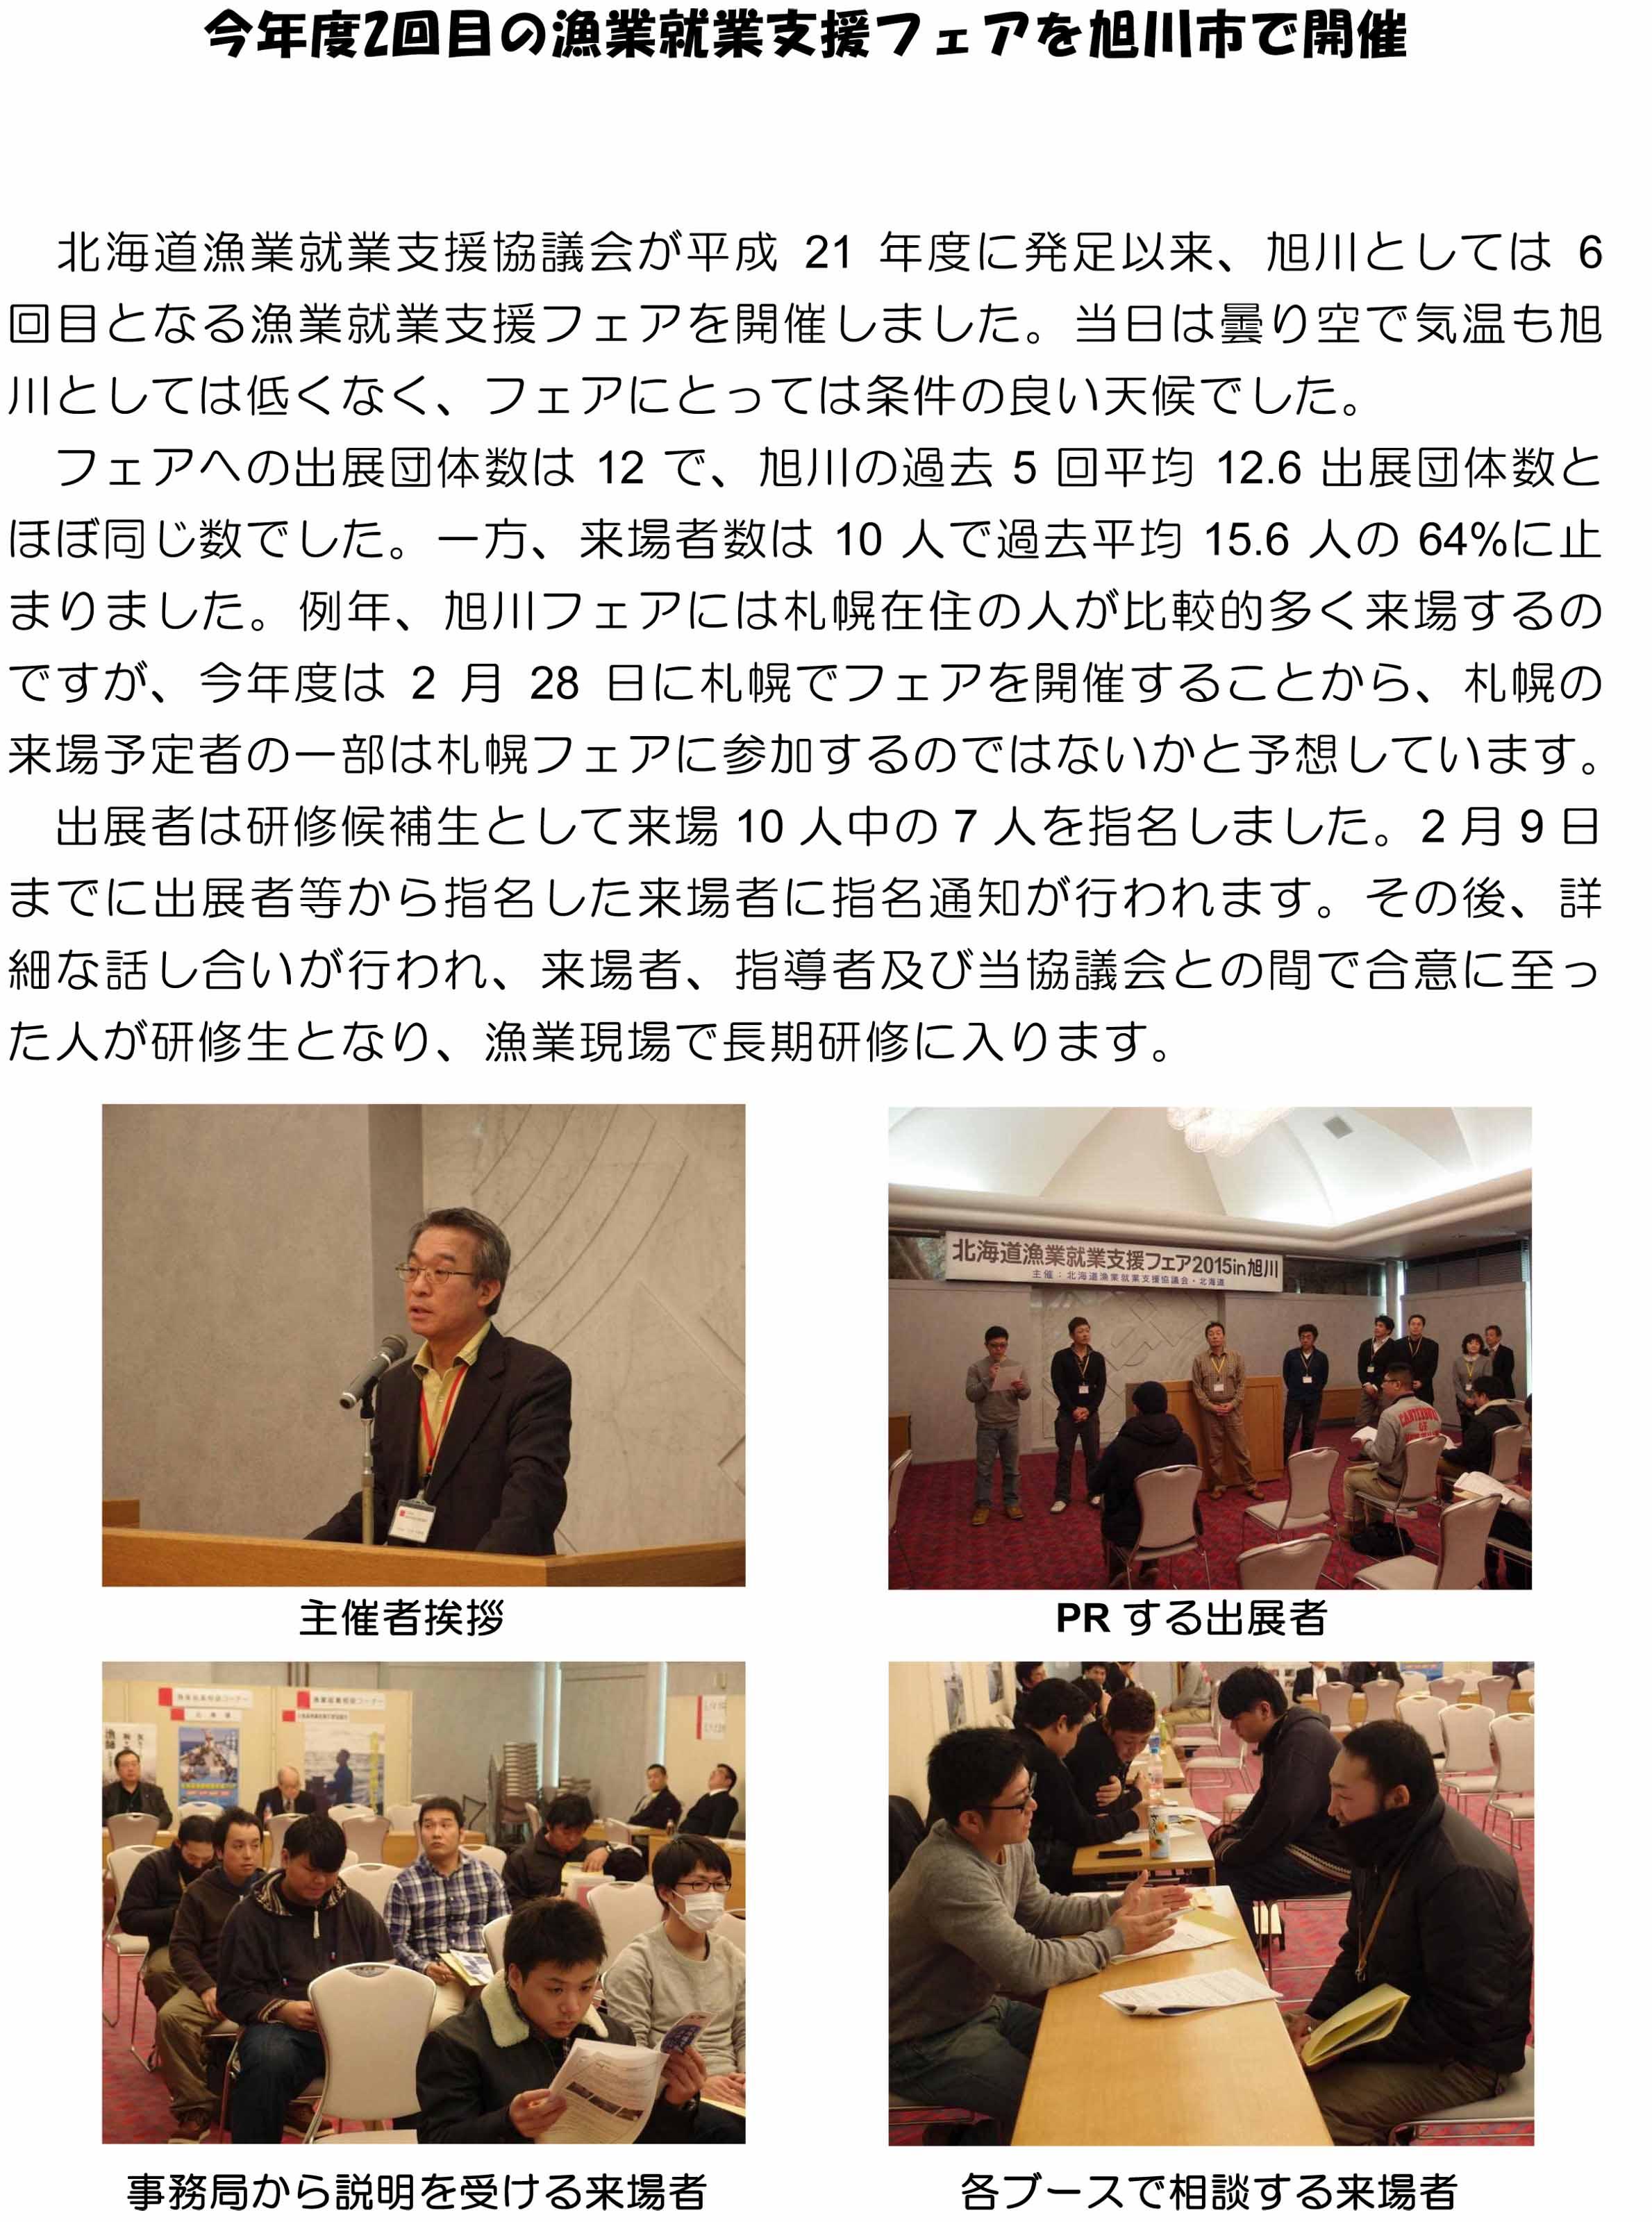 H26旭川フェア開催のコピー